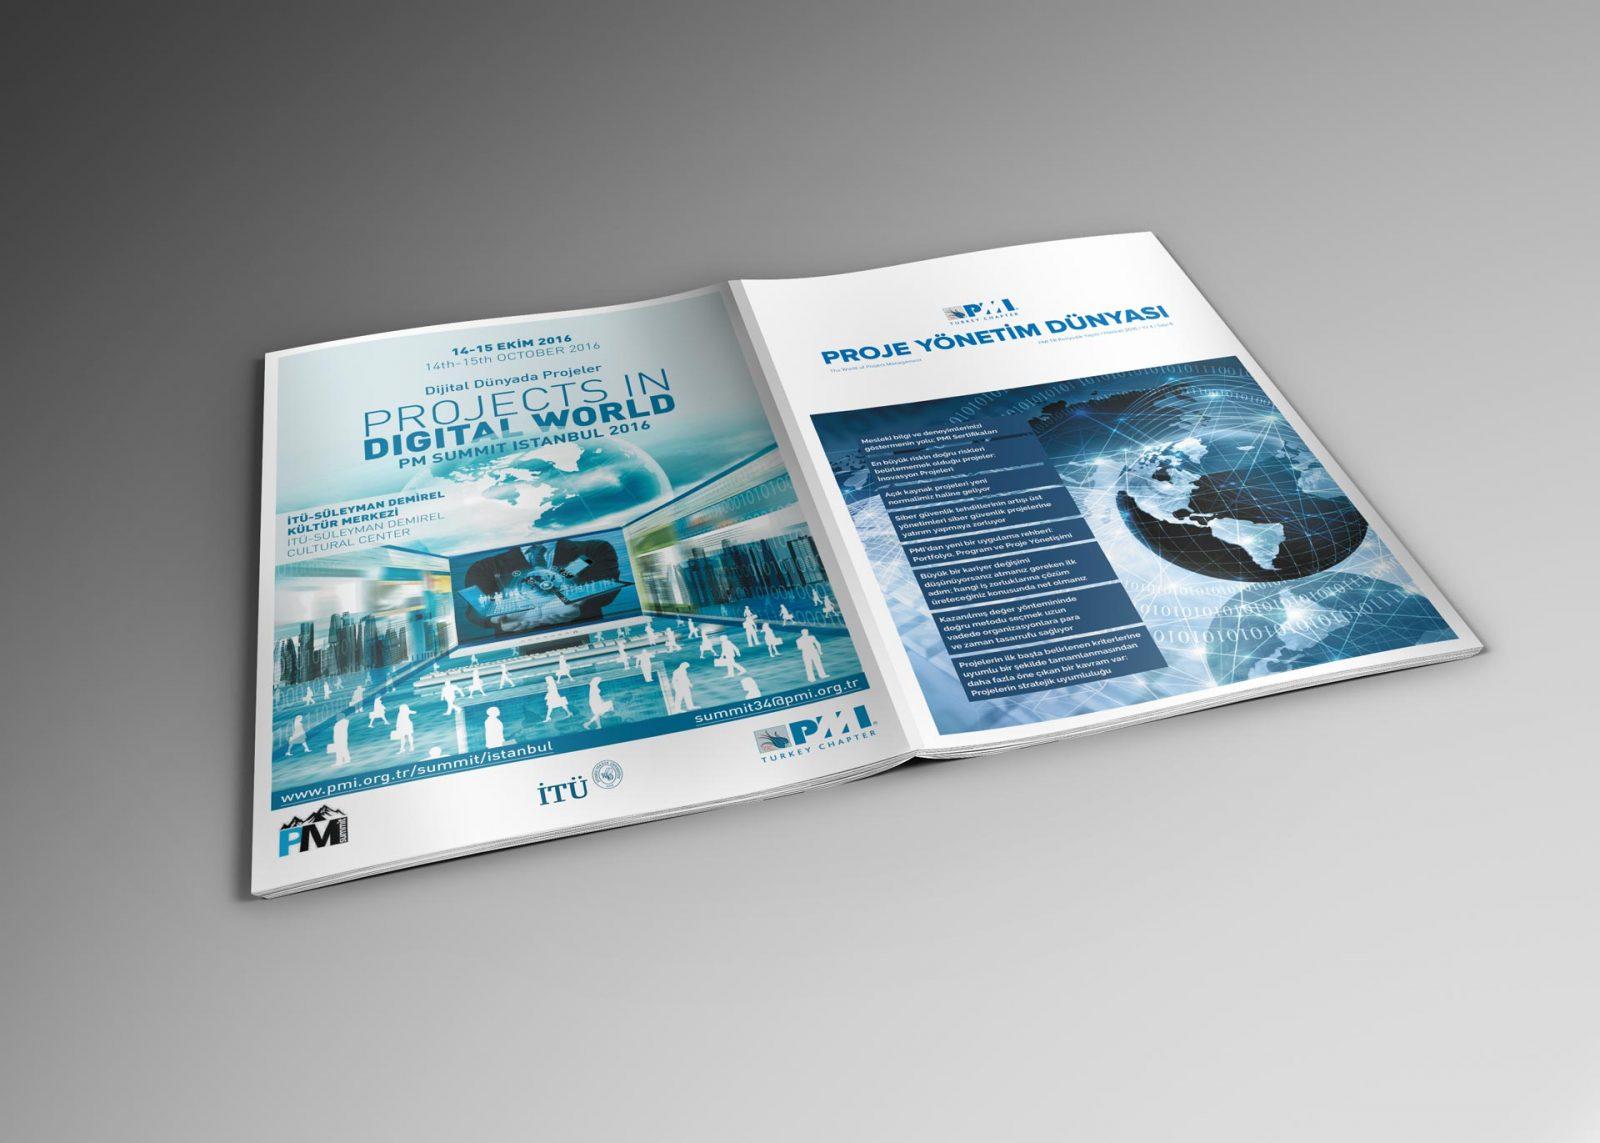 pmi tr dergi tasarımı 12